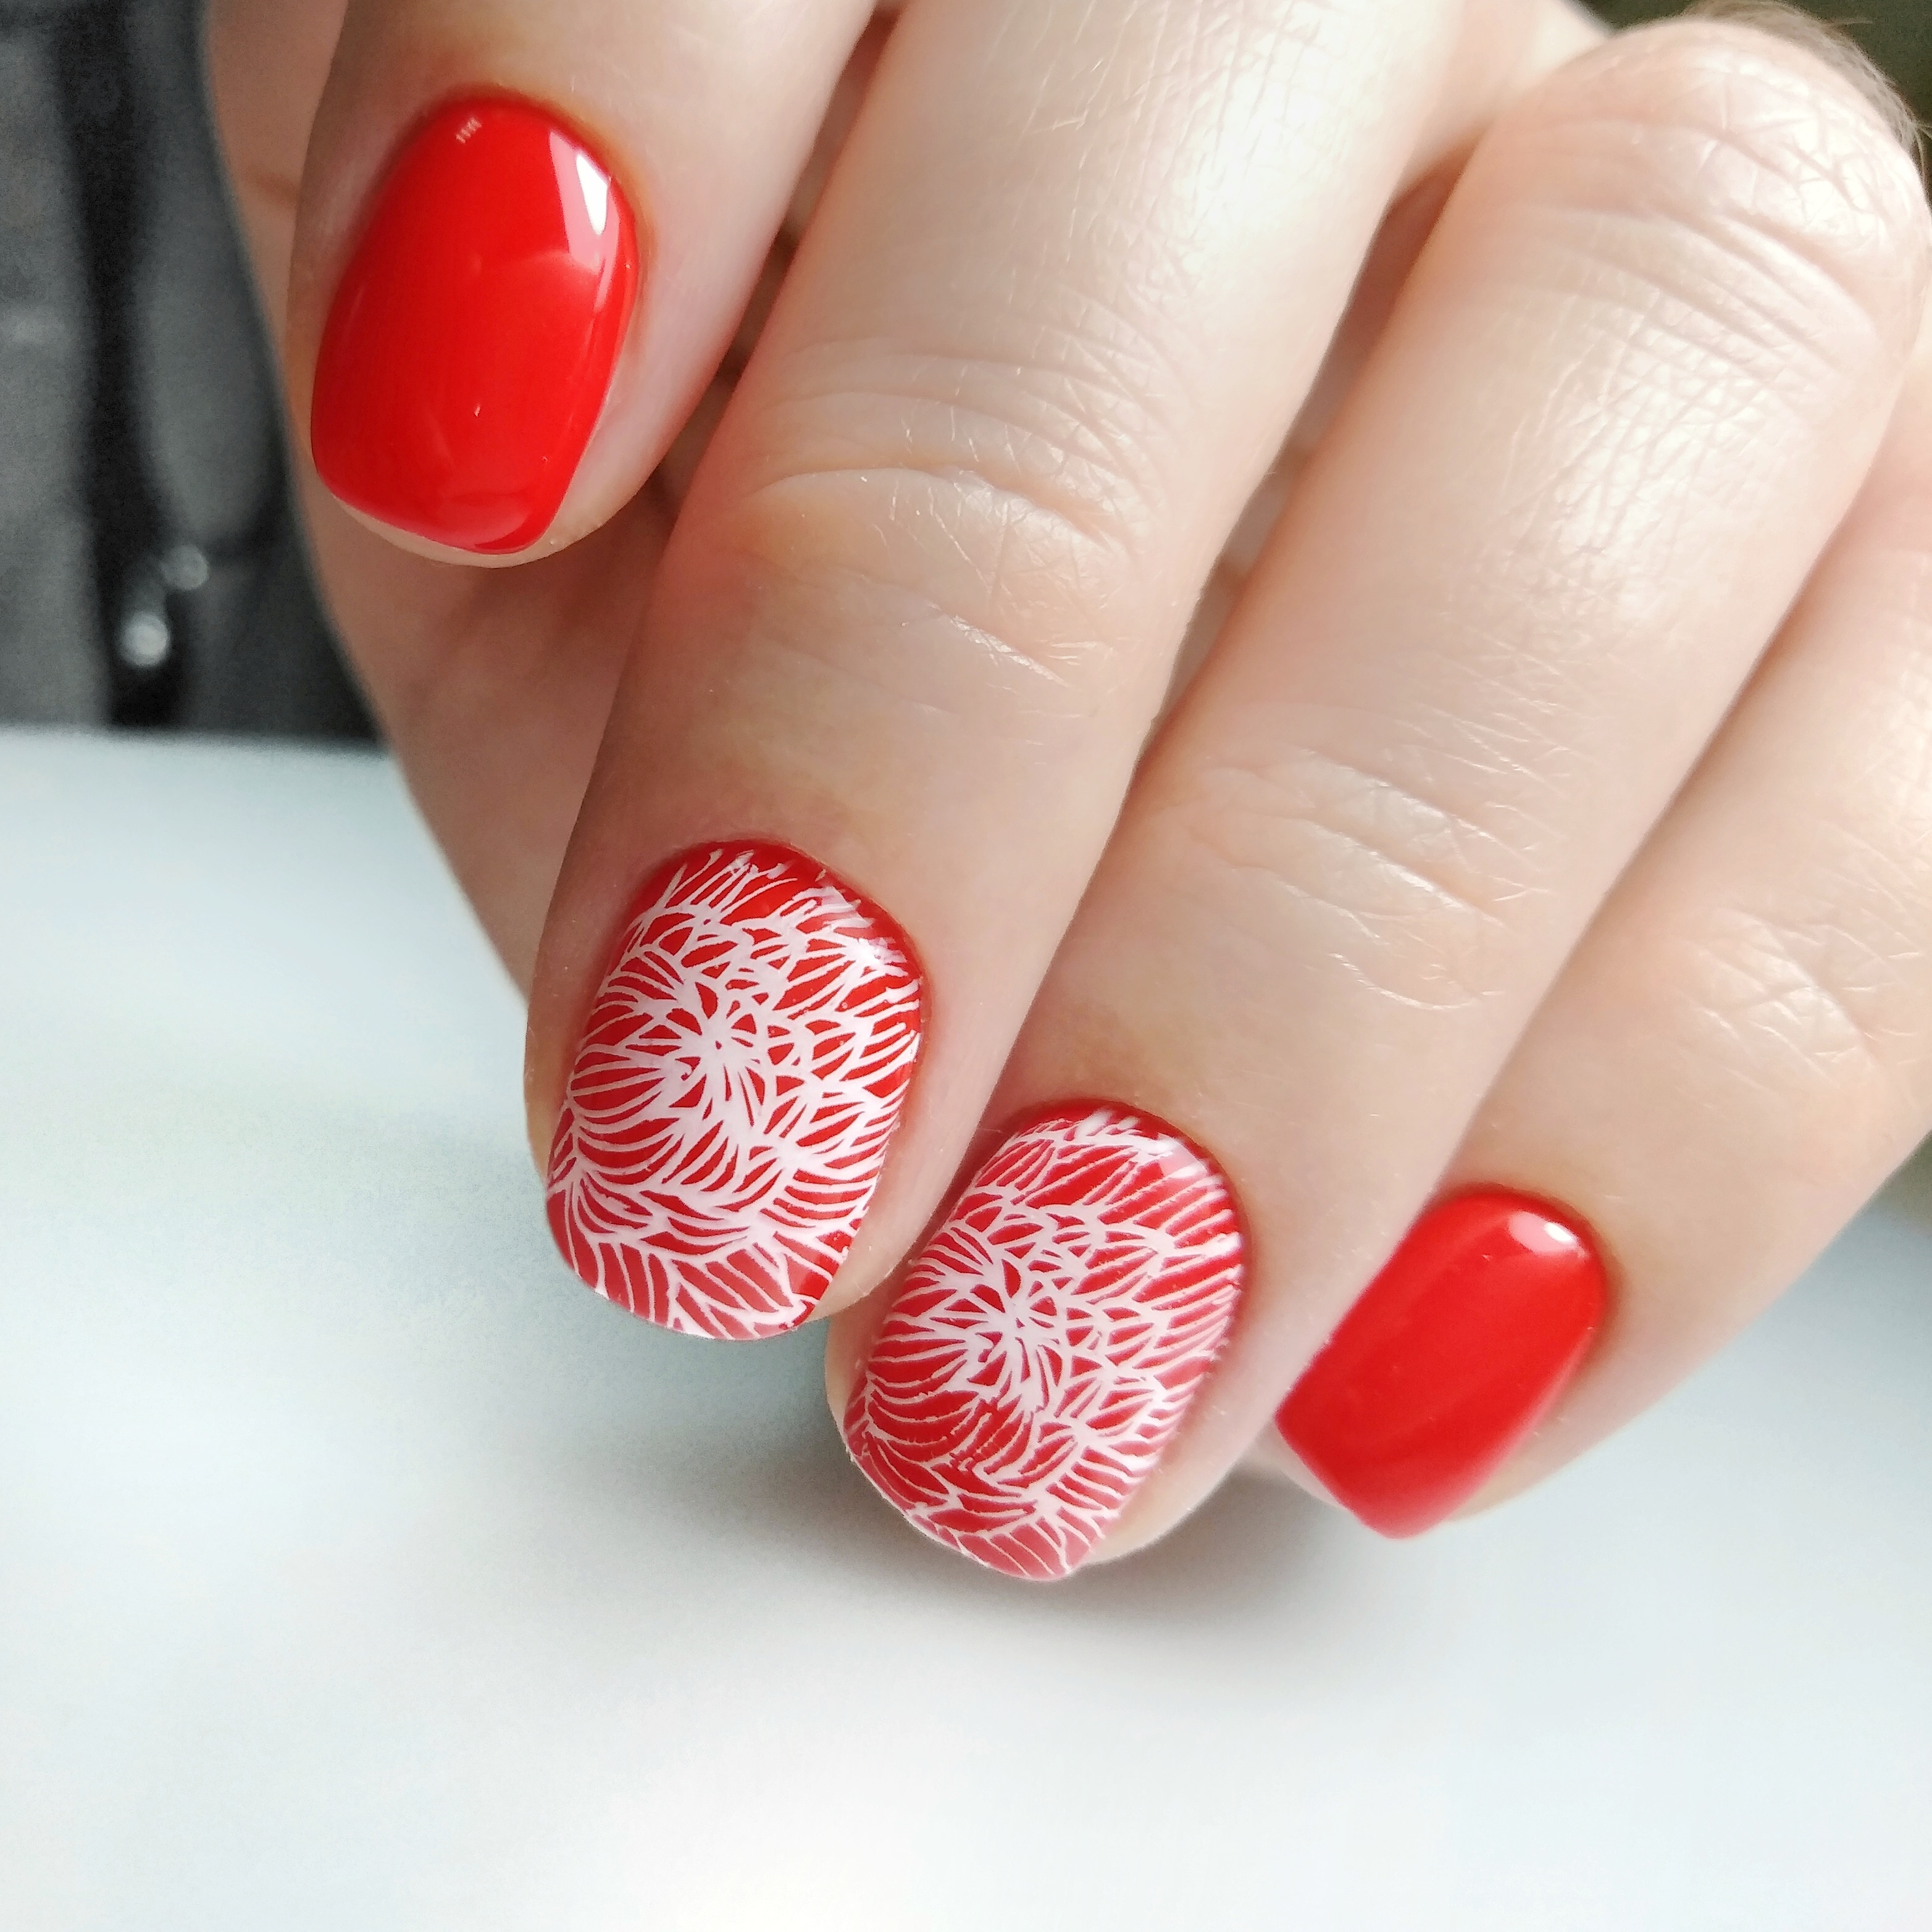 Маникюр со стемпингом в красном цвете.